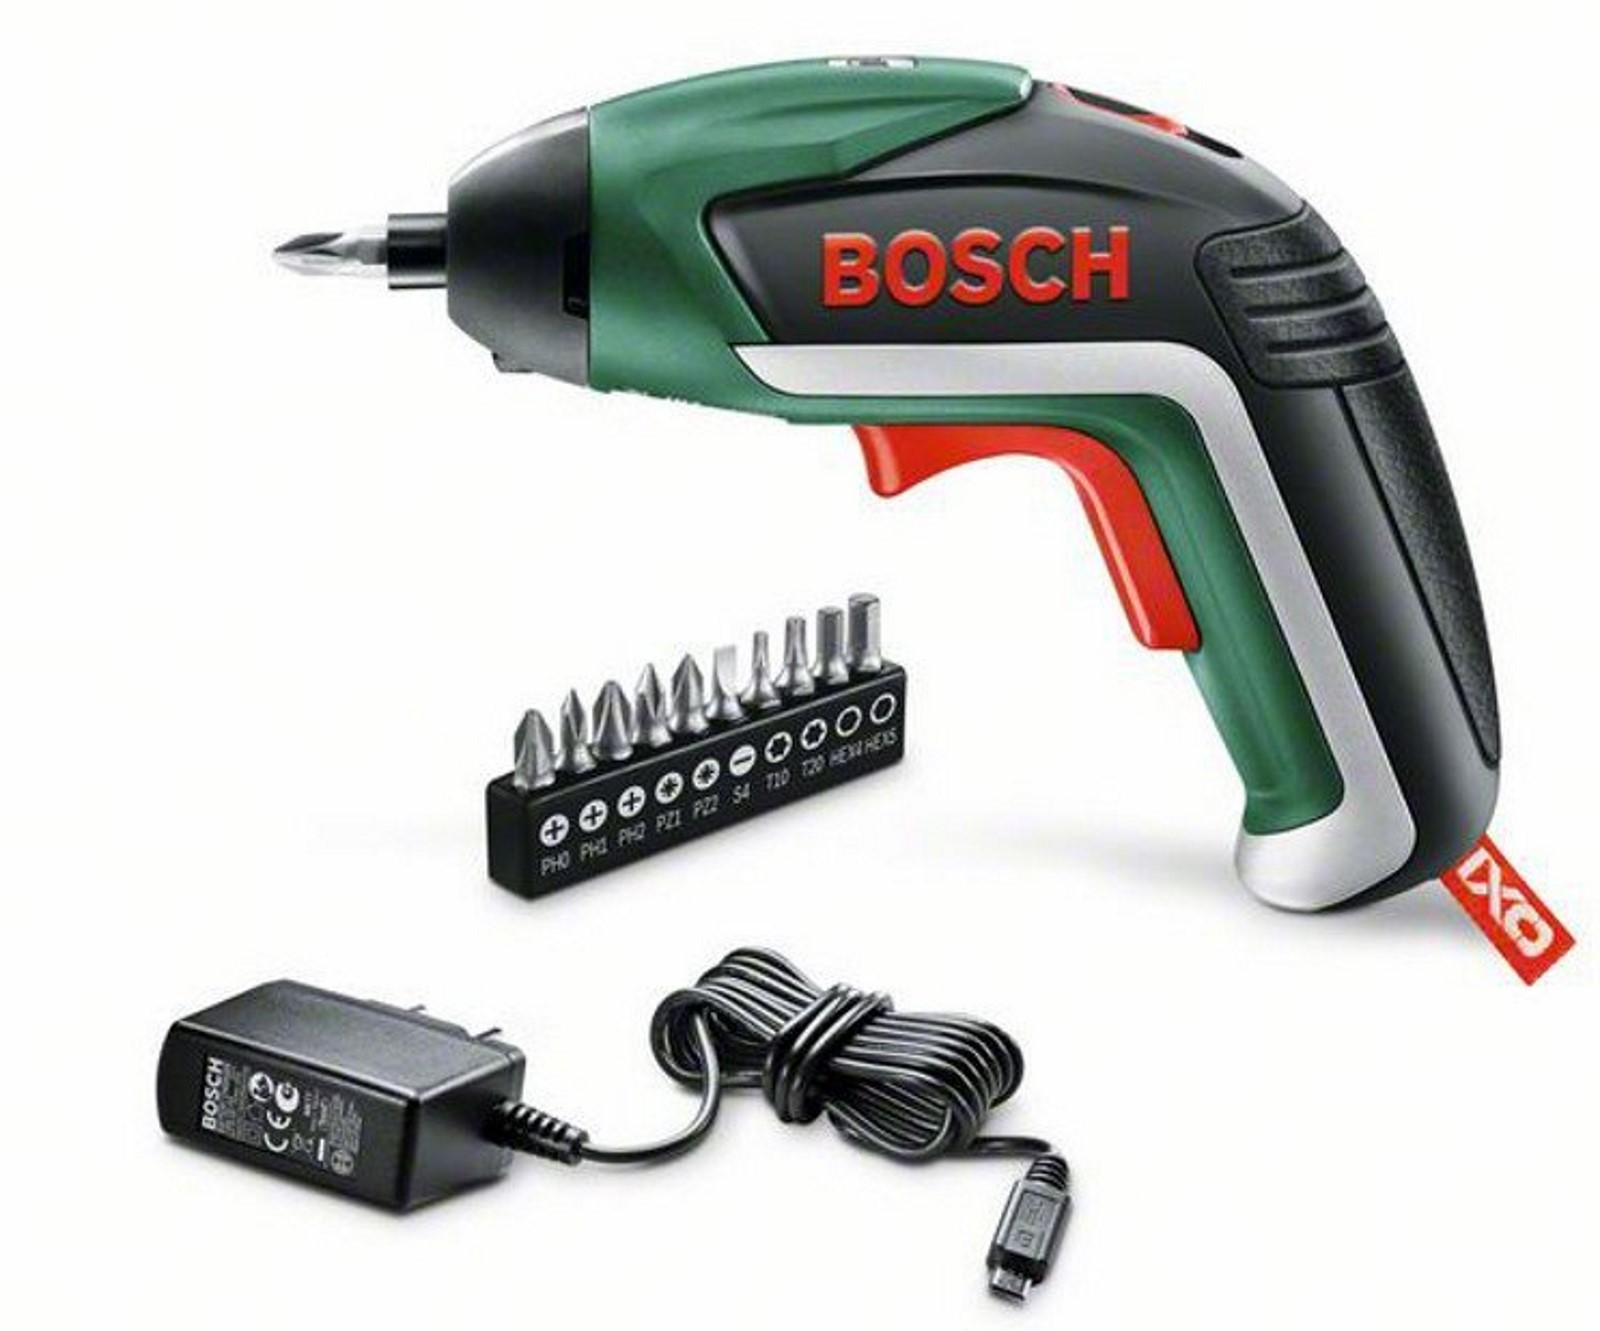 Bosch Akku-Schrauber Lithium- Ionen IXO